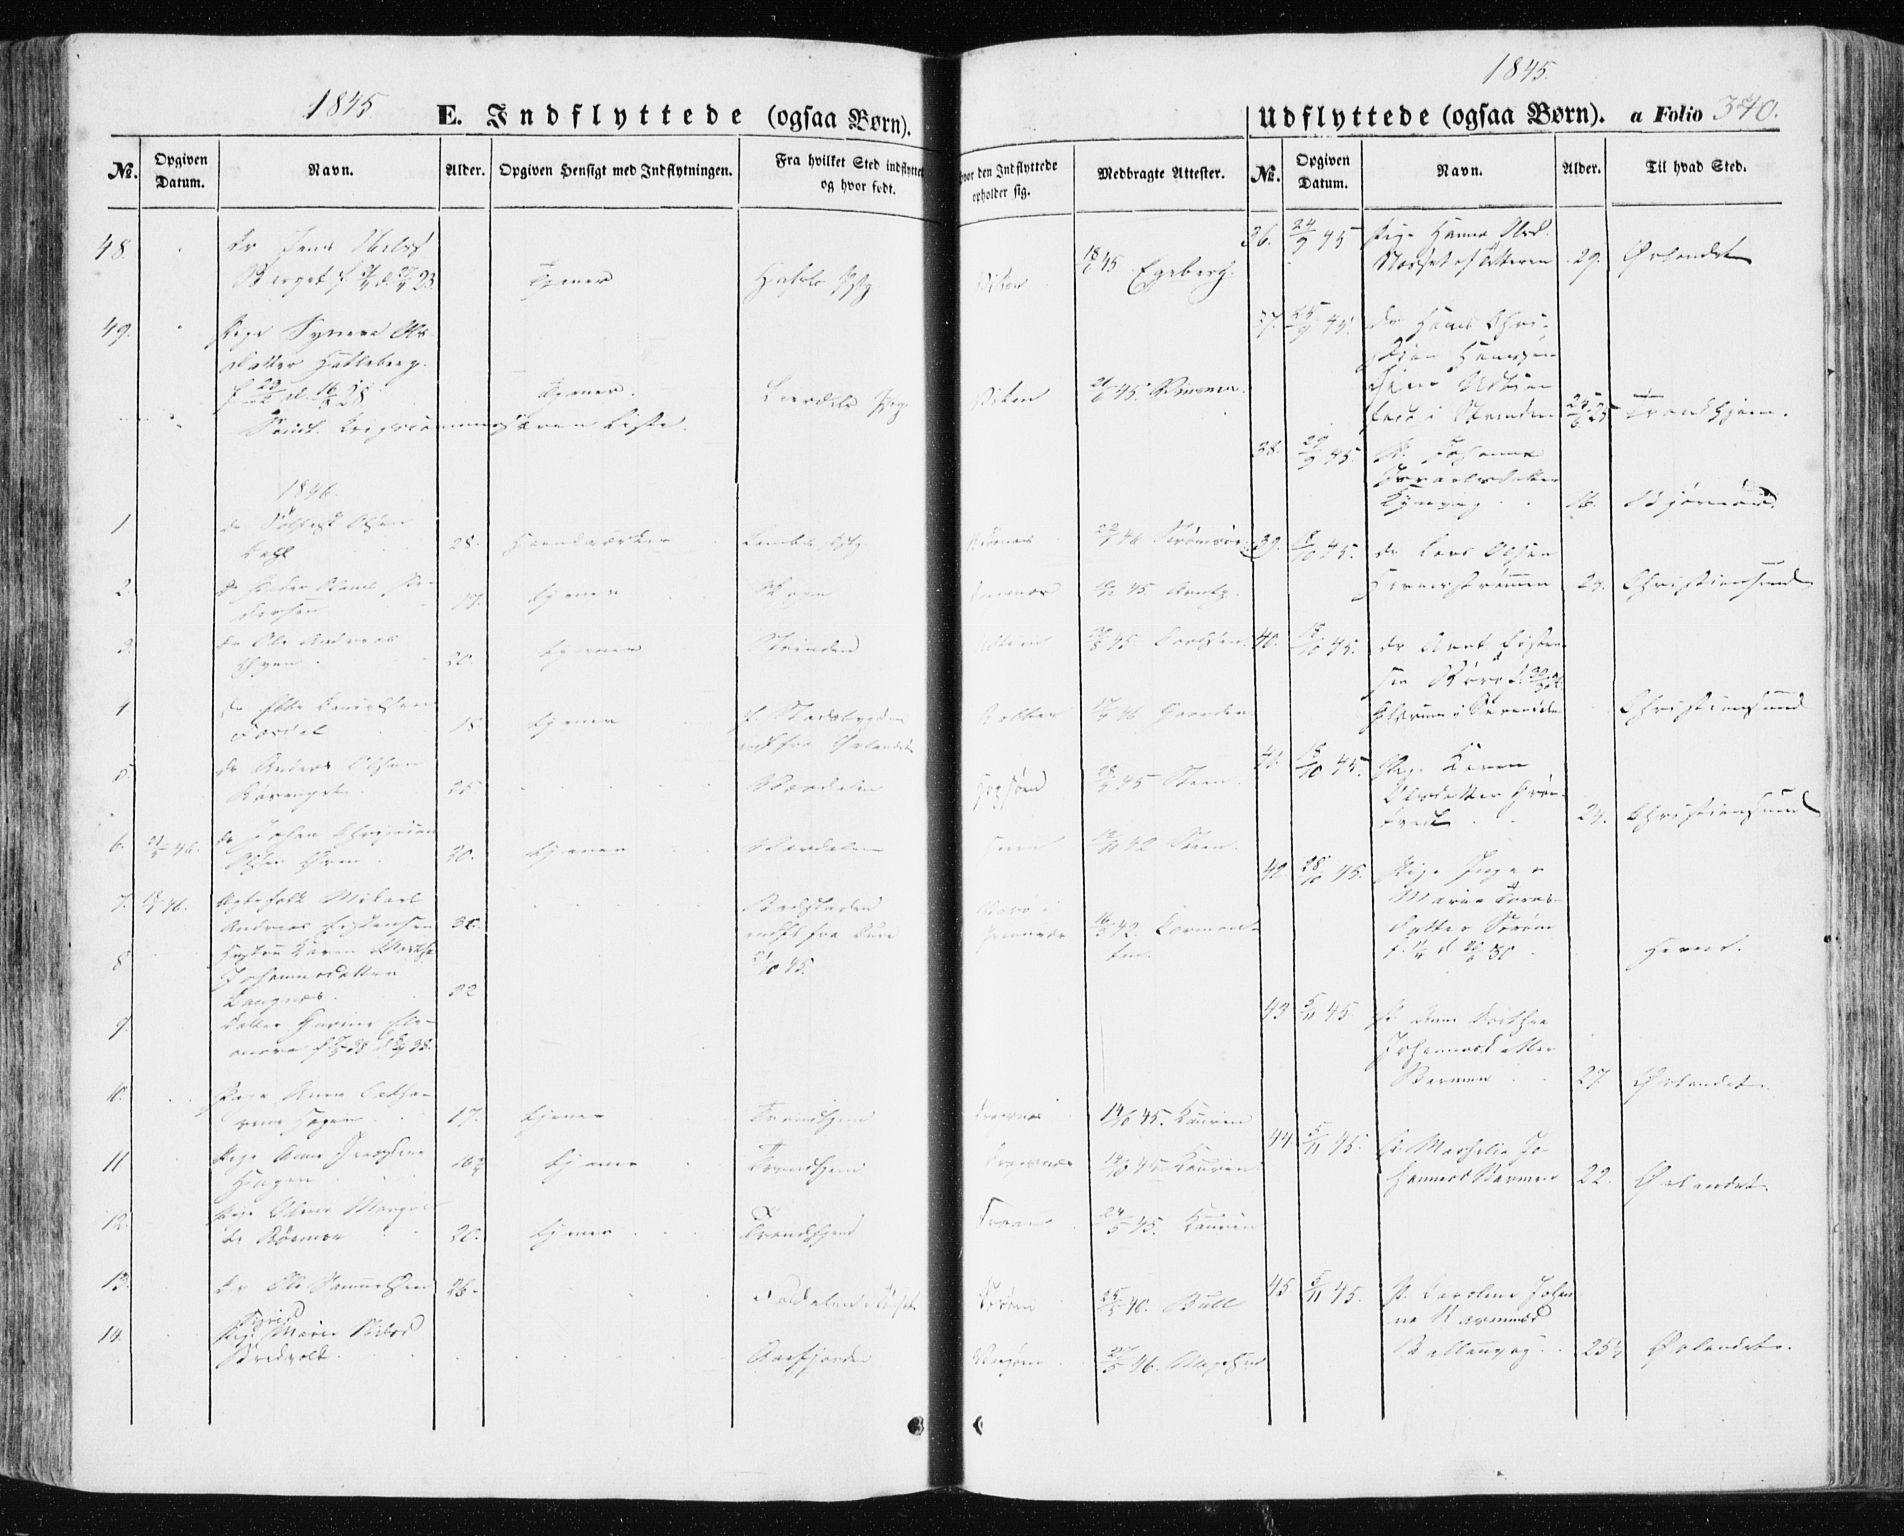 SAT, Ministerialprotokoller, klokkerbøker og fødselsregistre - Sør-Trøndelag, 634/L0529: Ministerialbok nr. 634A05, 1843-1851, s. 340